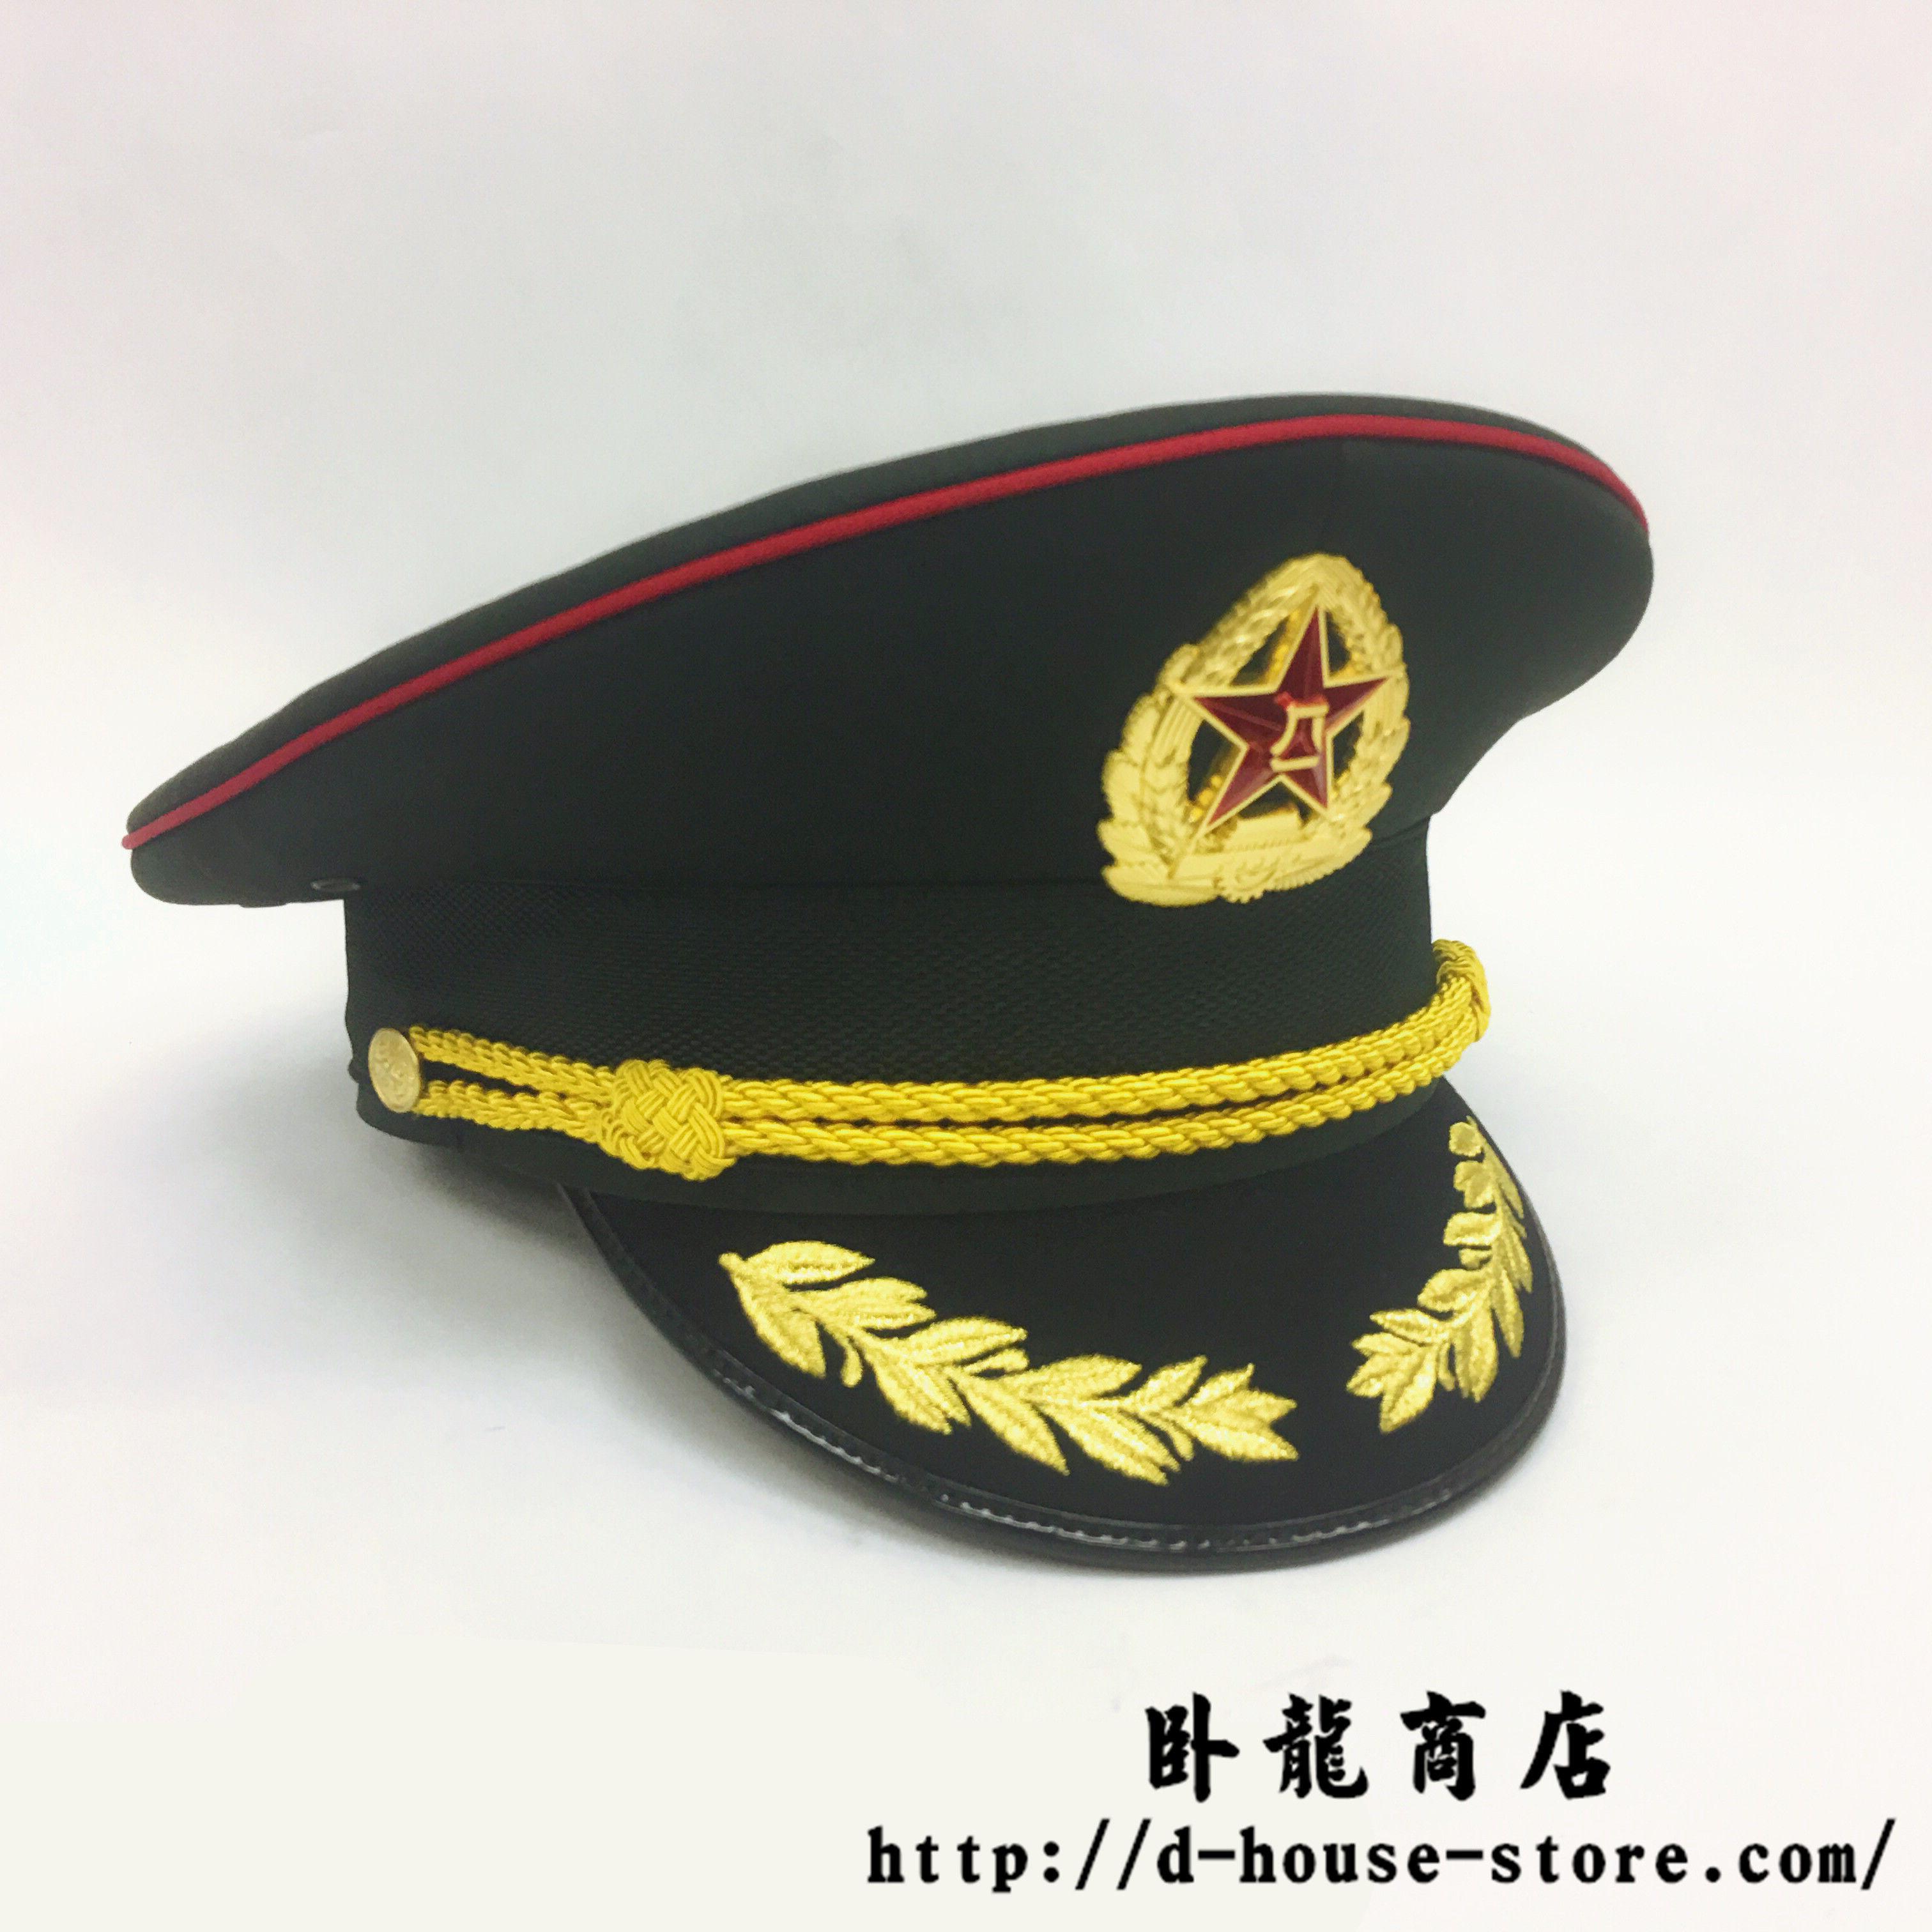 中国人民解放軍07式 陸軍軍官礼服用制帽(帽章付き)